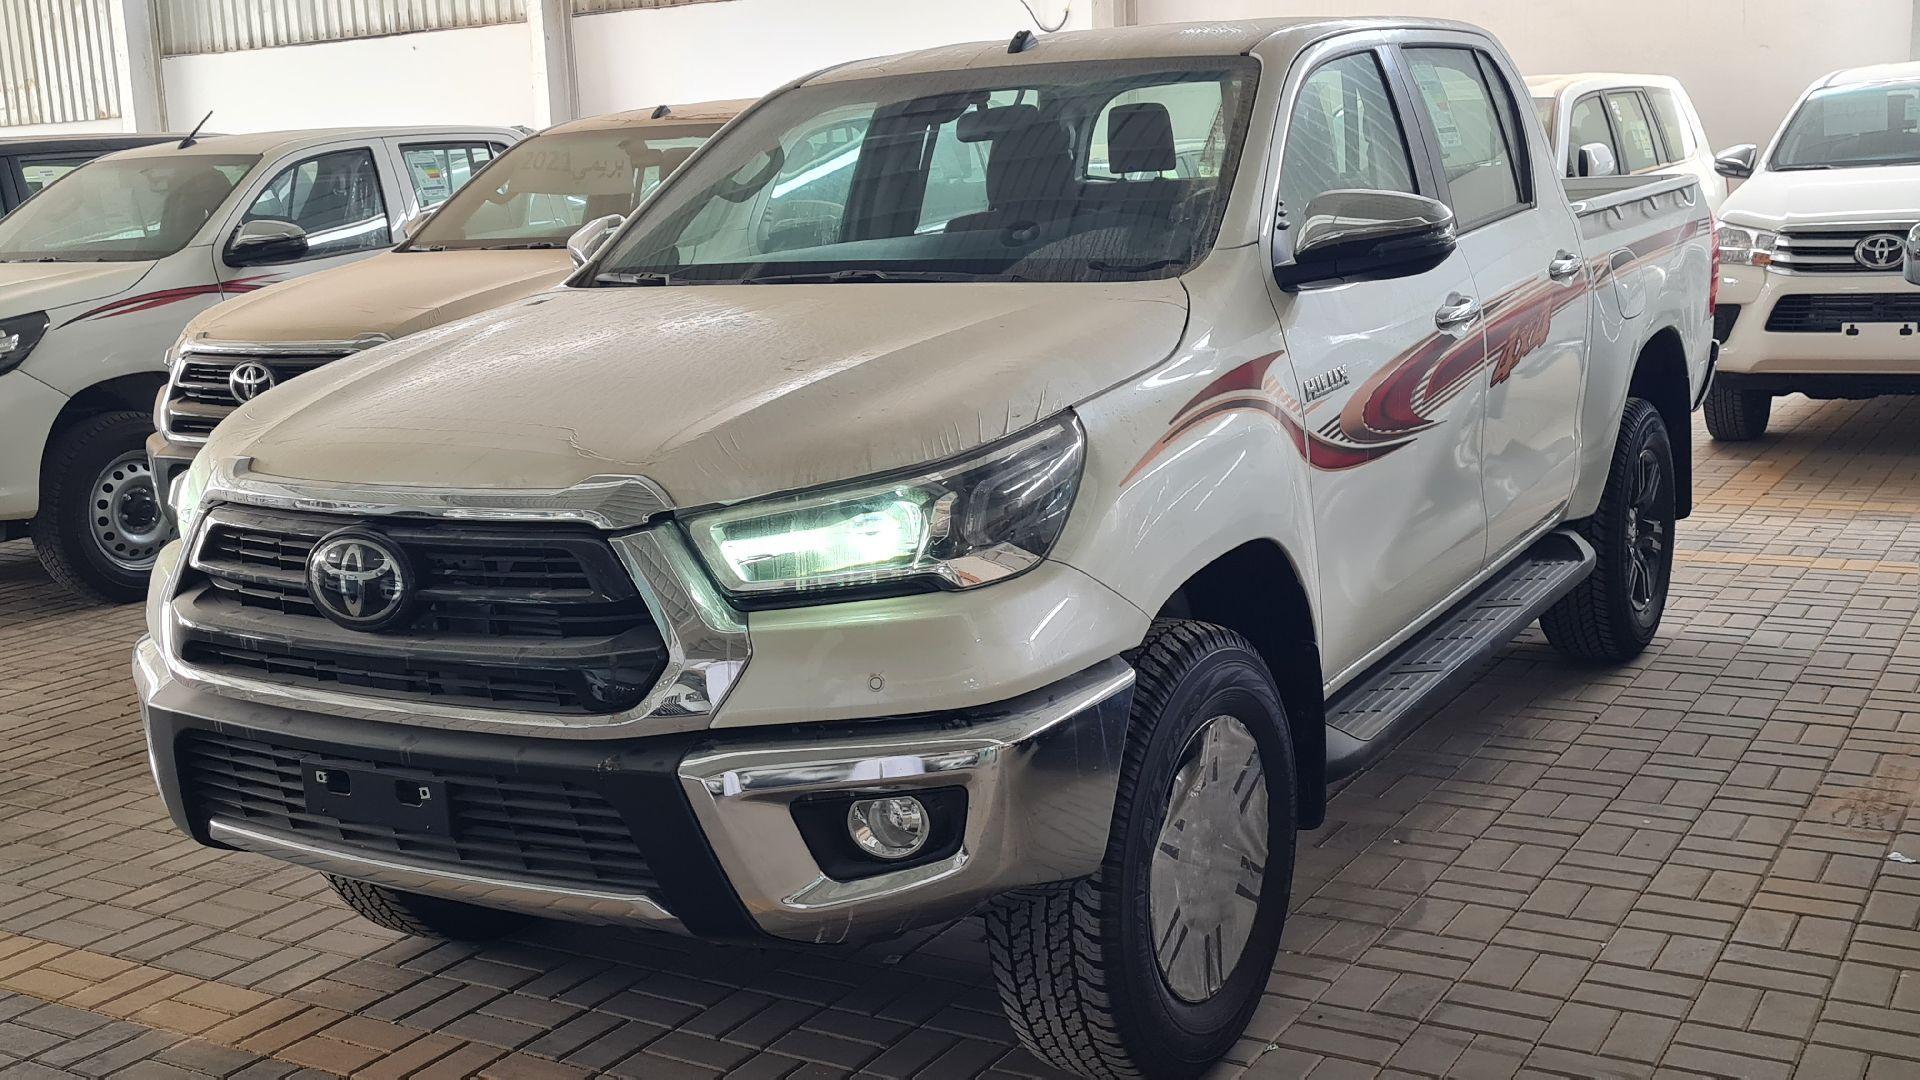 تويوتا هايلكس GLX.S 2021 فل بريمي للبيع في الرياض - السعودية - صورة كبيرة - 1